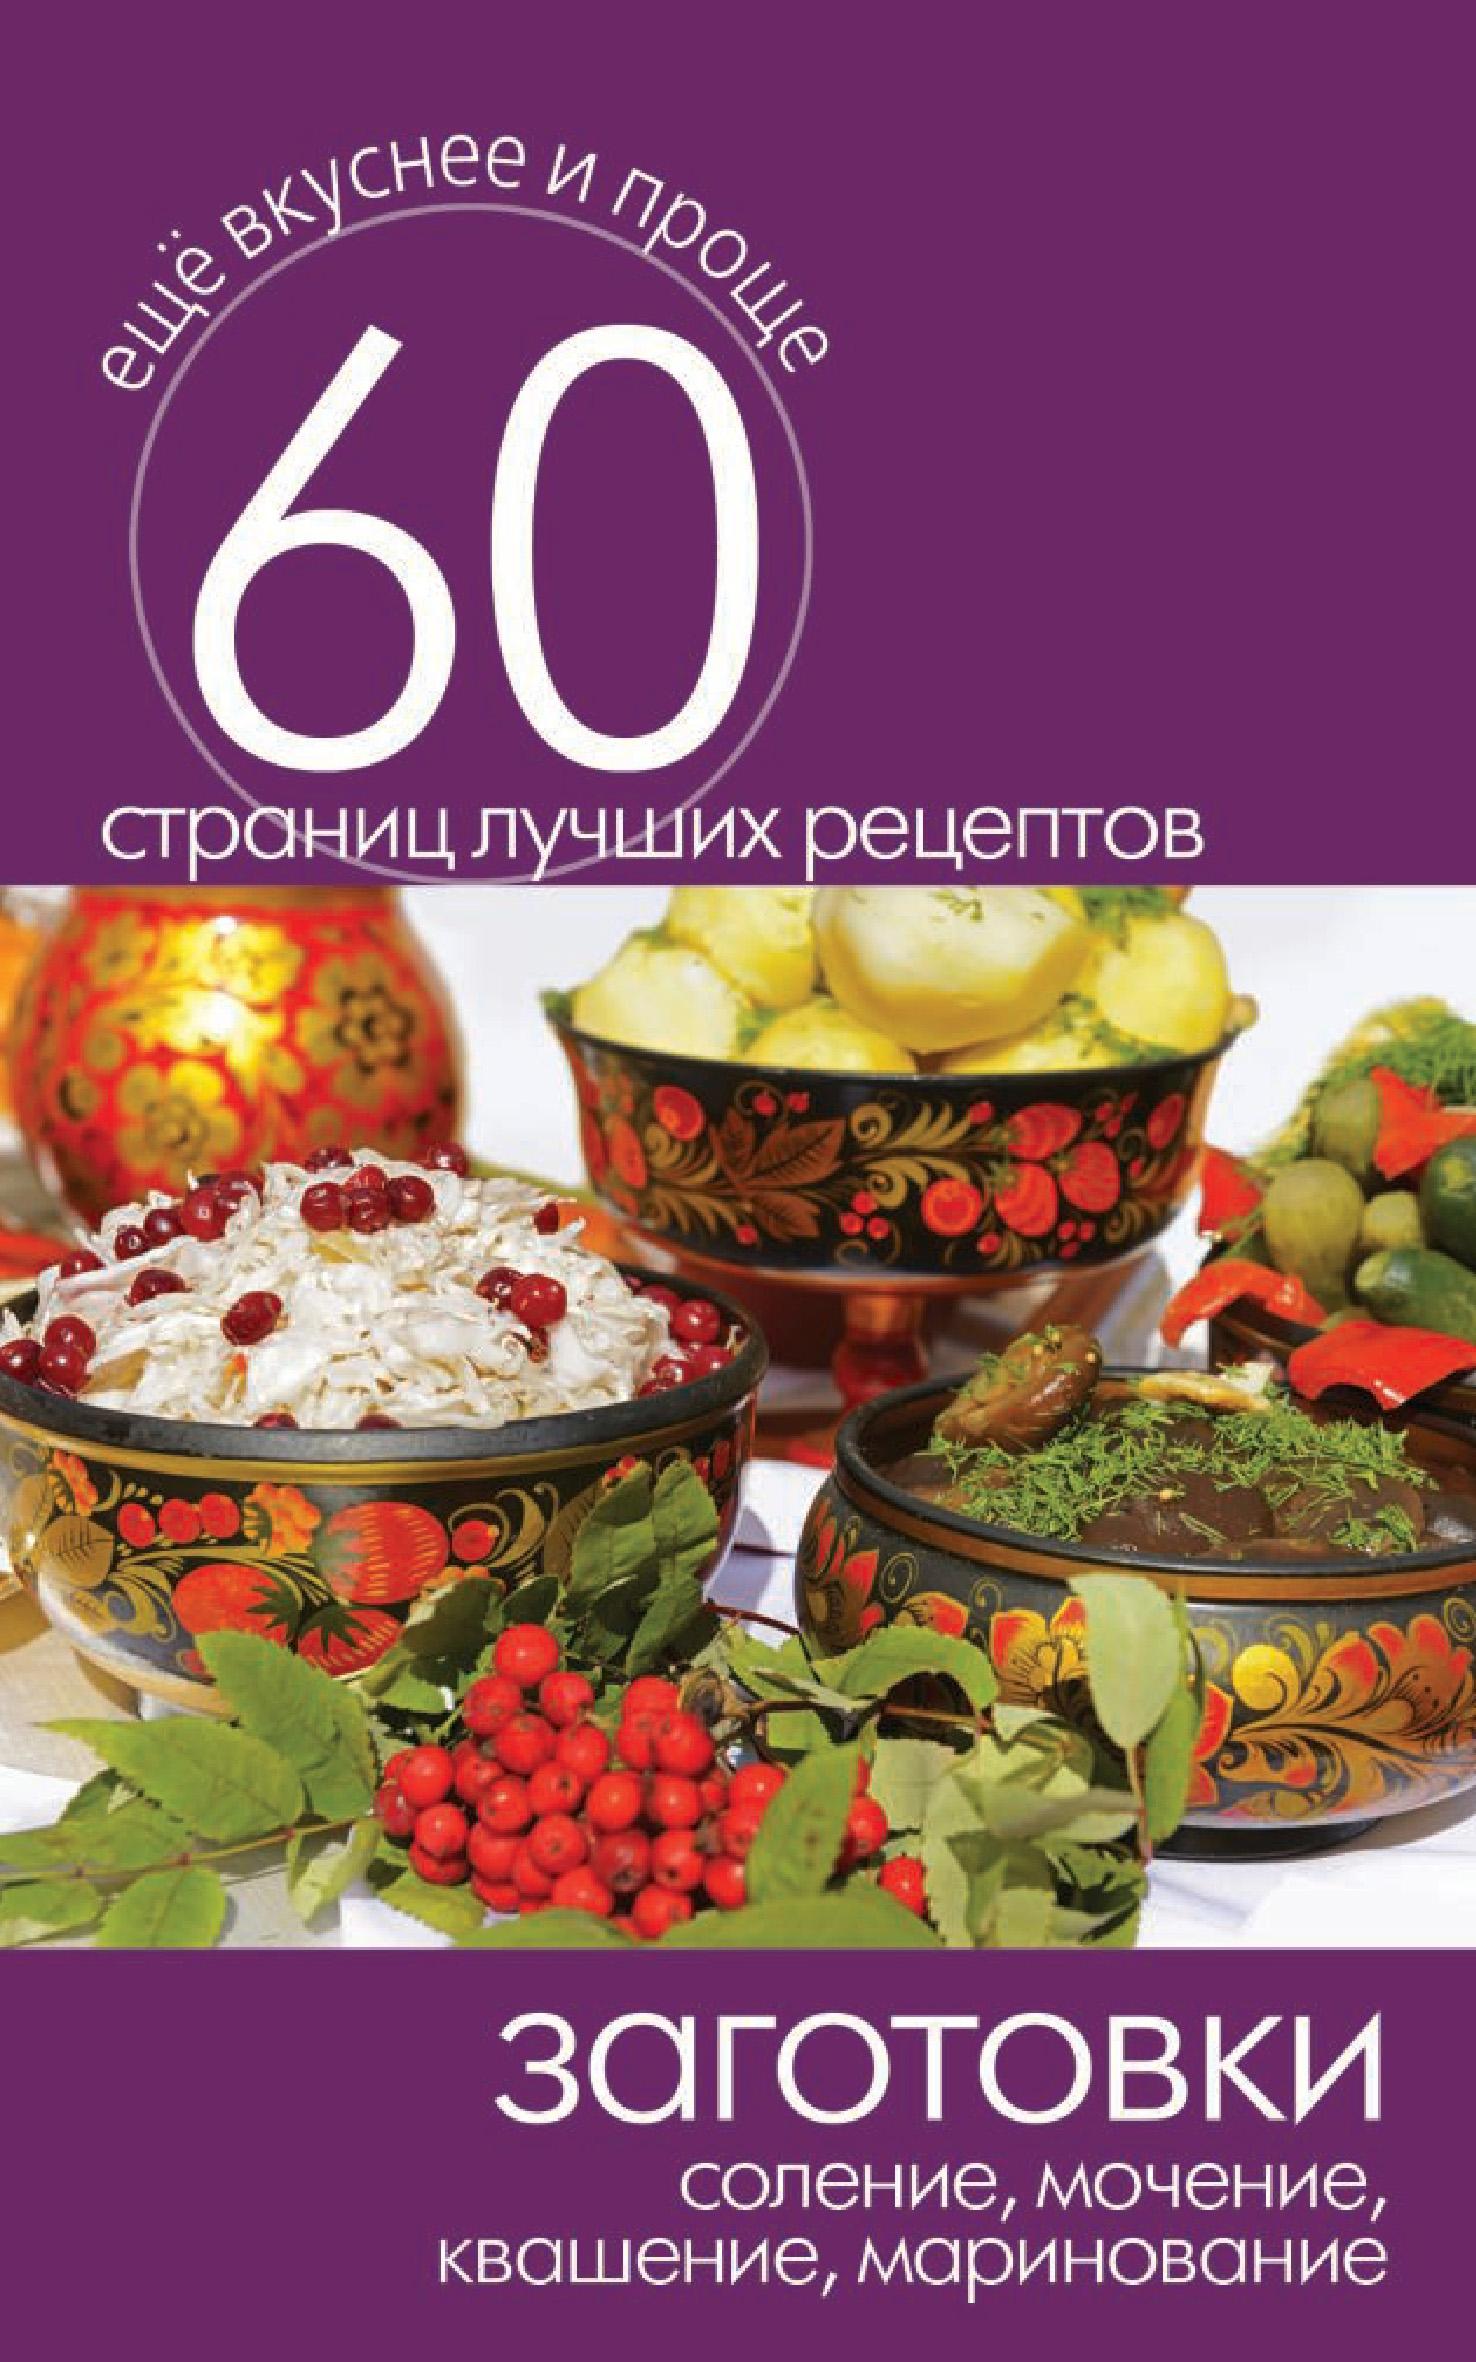 Отсутствует Заготовки. Соление, мочение, квашение, маринование квашение соление мочение сушка овощей фруктов